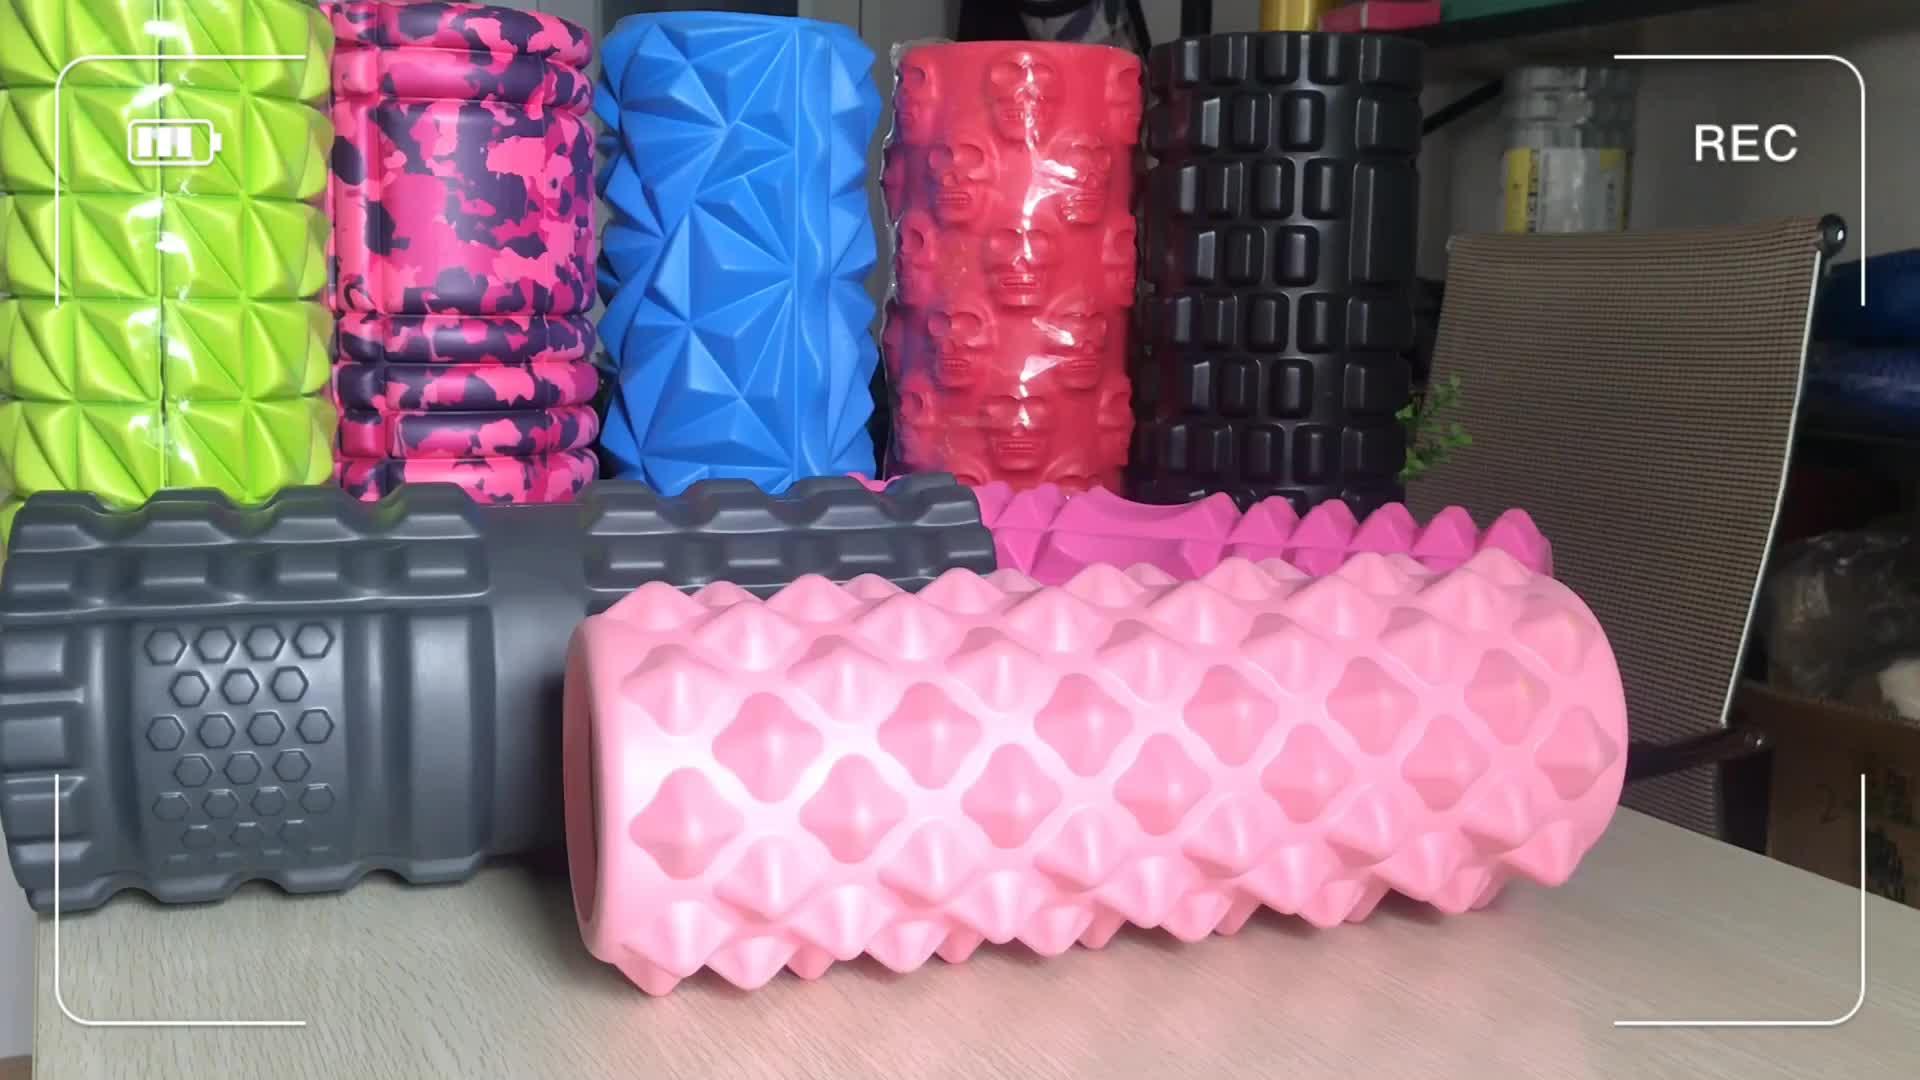 Custom logo Hollow EVA Grid Foam Roller for Yoga fitness rehab exercise trigger point rolling